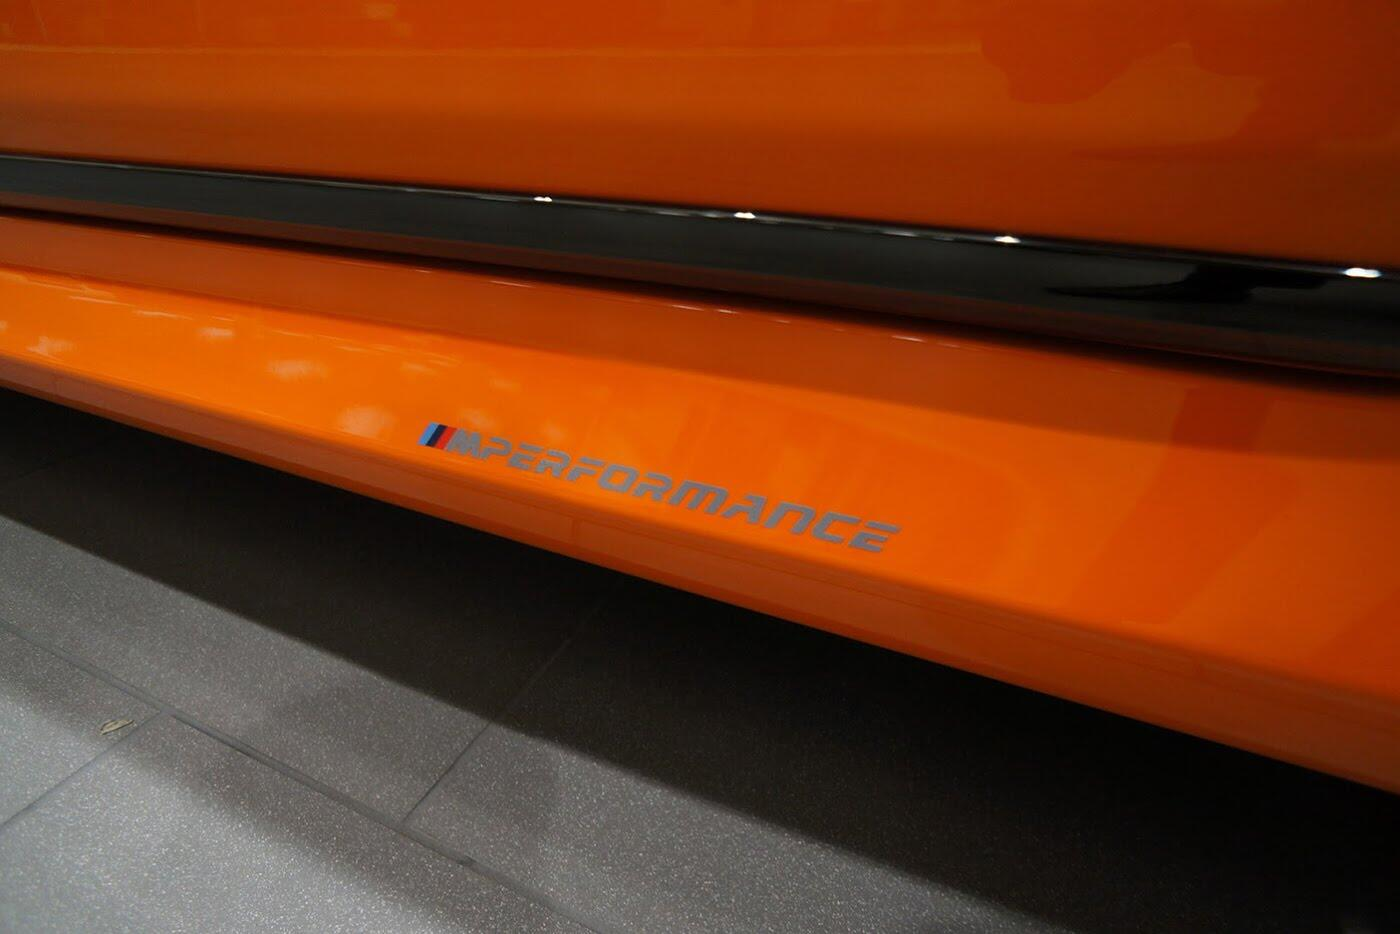 Cận cảnh BMW 750i 2017 phiên bản đặc biệt Fire Orange - Hình 7